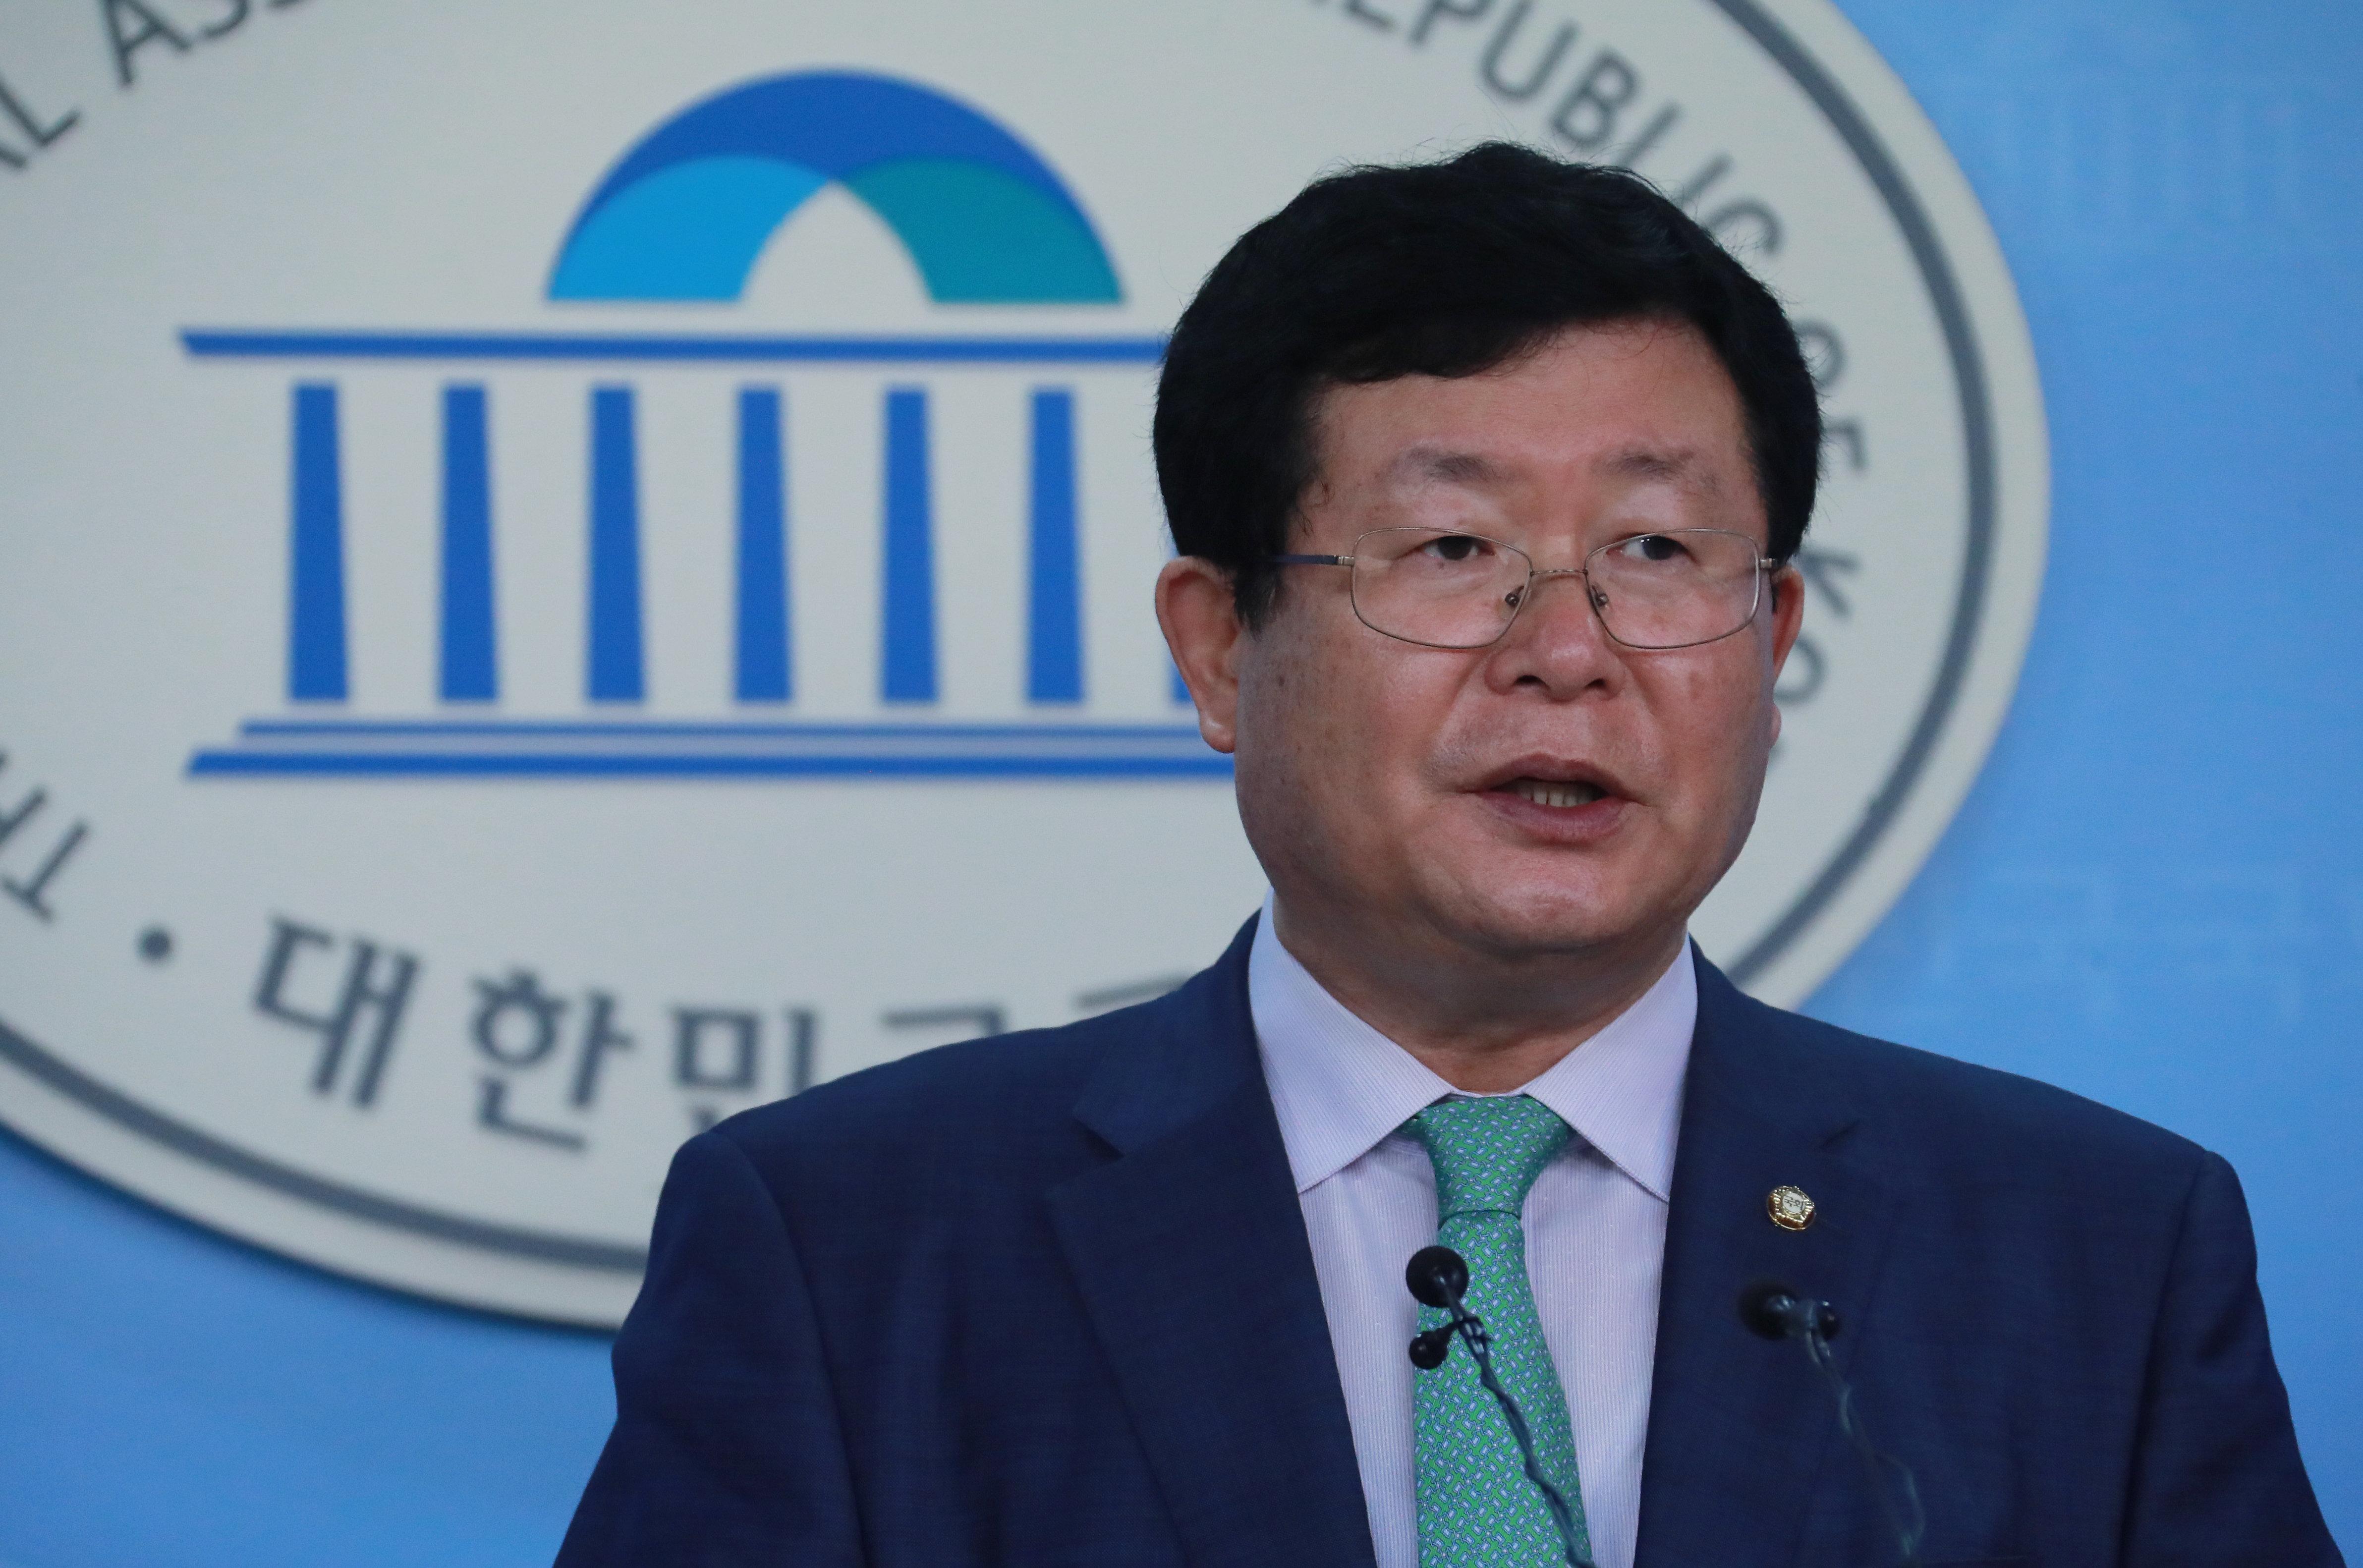 민주당 설훈 최고위원이 '20대 남성 지지율 하락 원인'으로 꼽은